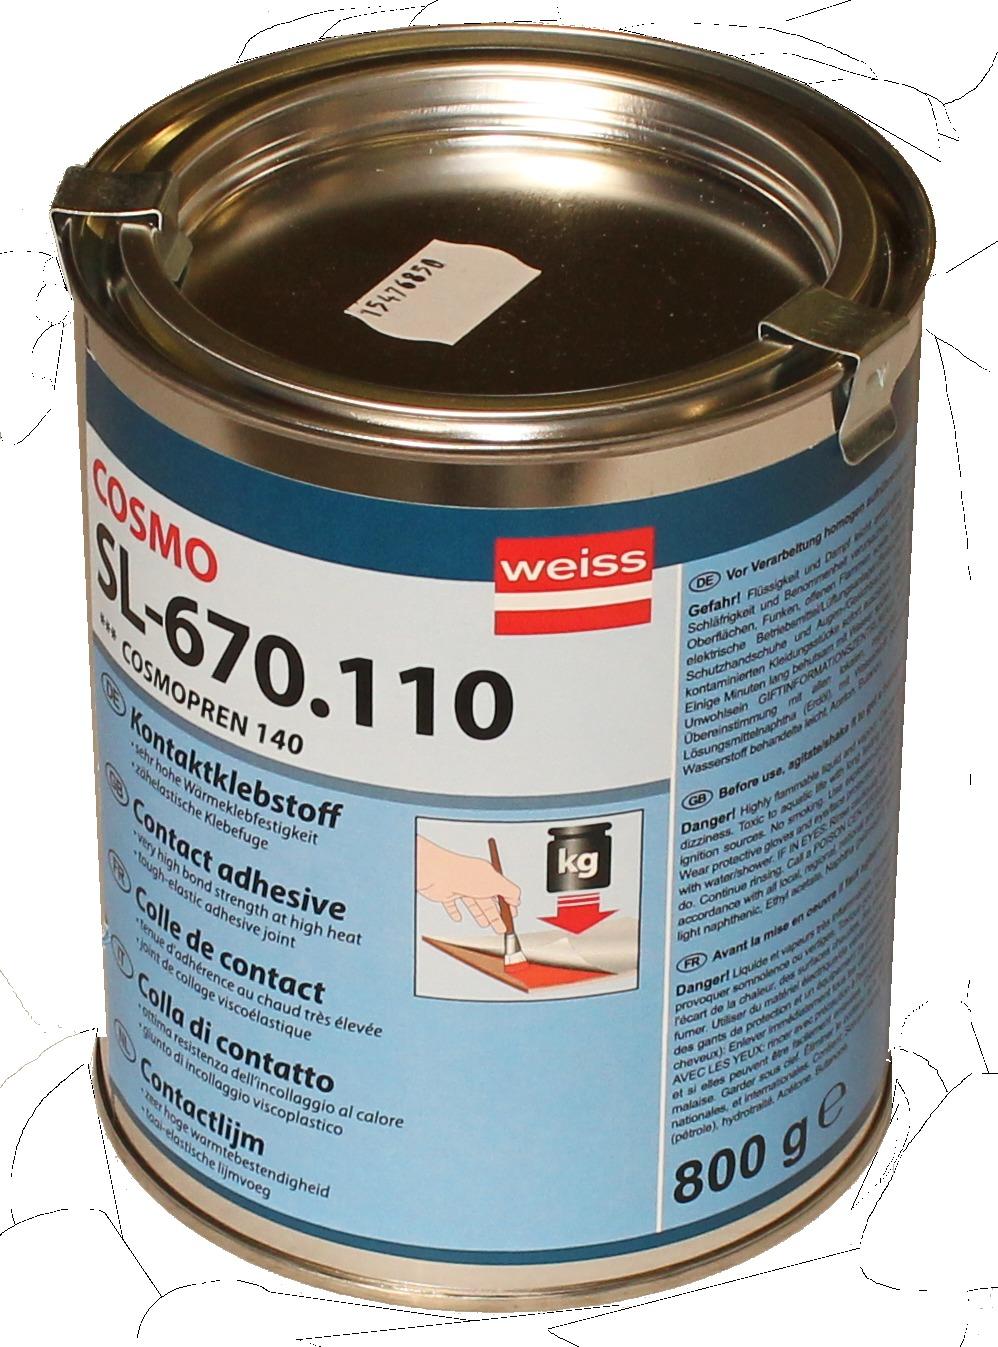 ferax-Kontaktklebstoff 140 Dose 800 g, (temperaturbeständig bis 140°C)